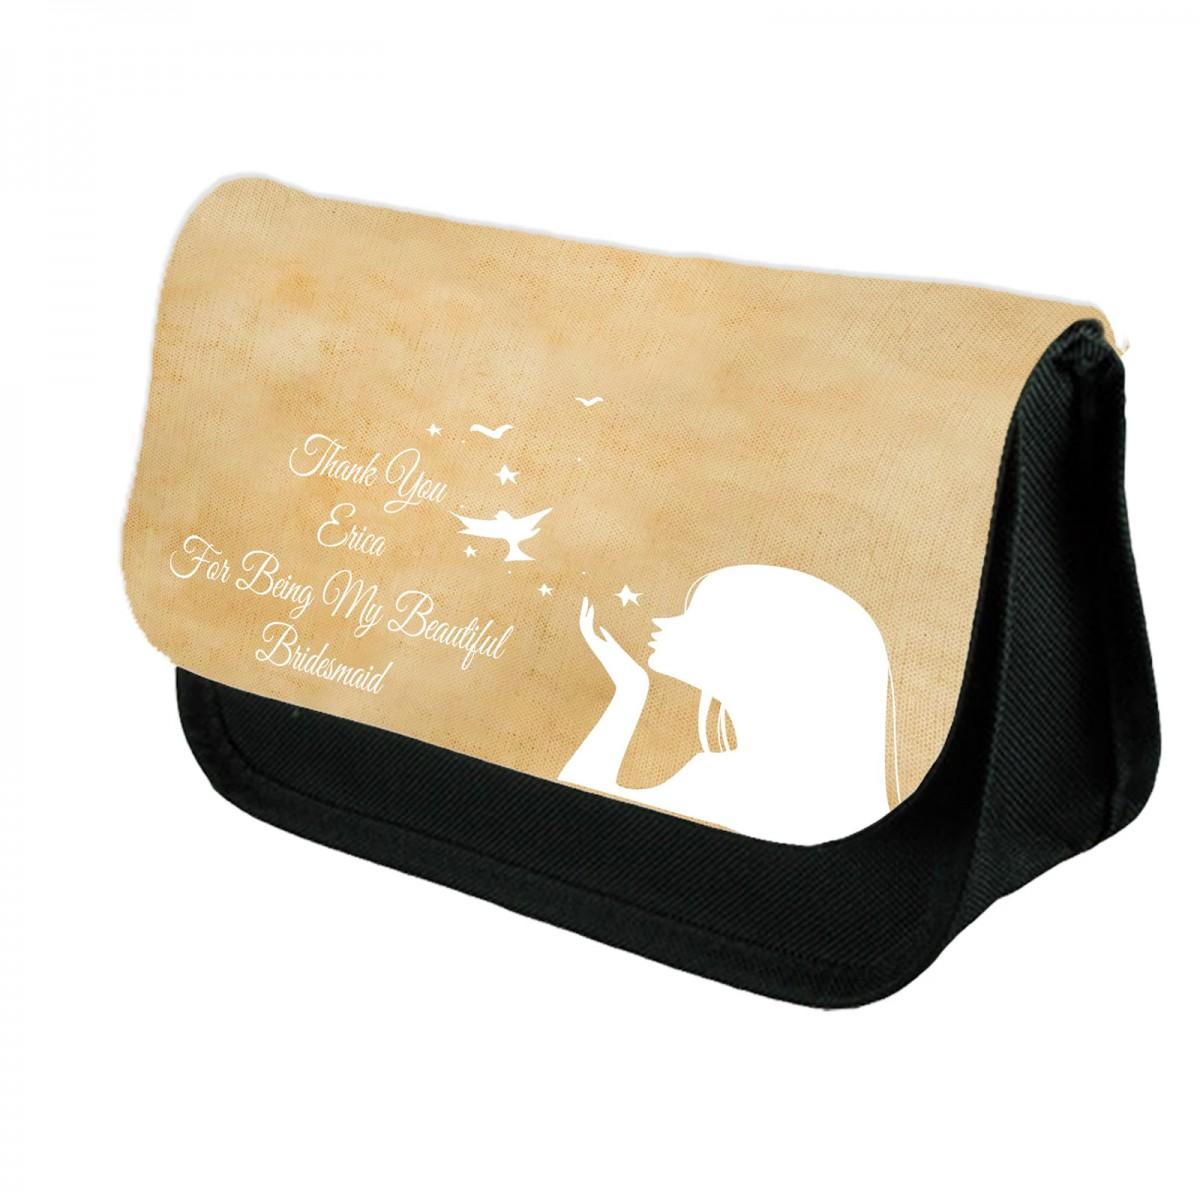 Name Make Up Bag - Personalised Cosmetic Bag - Personalized Makeup Bag - Cosmetic  Bag -